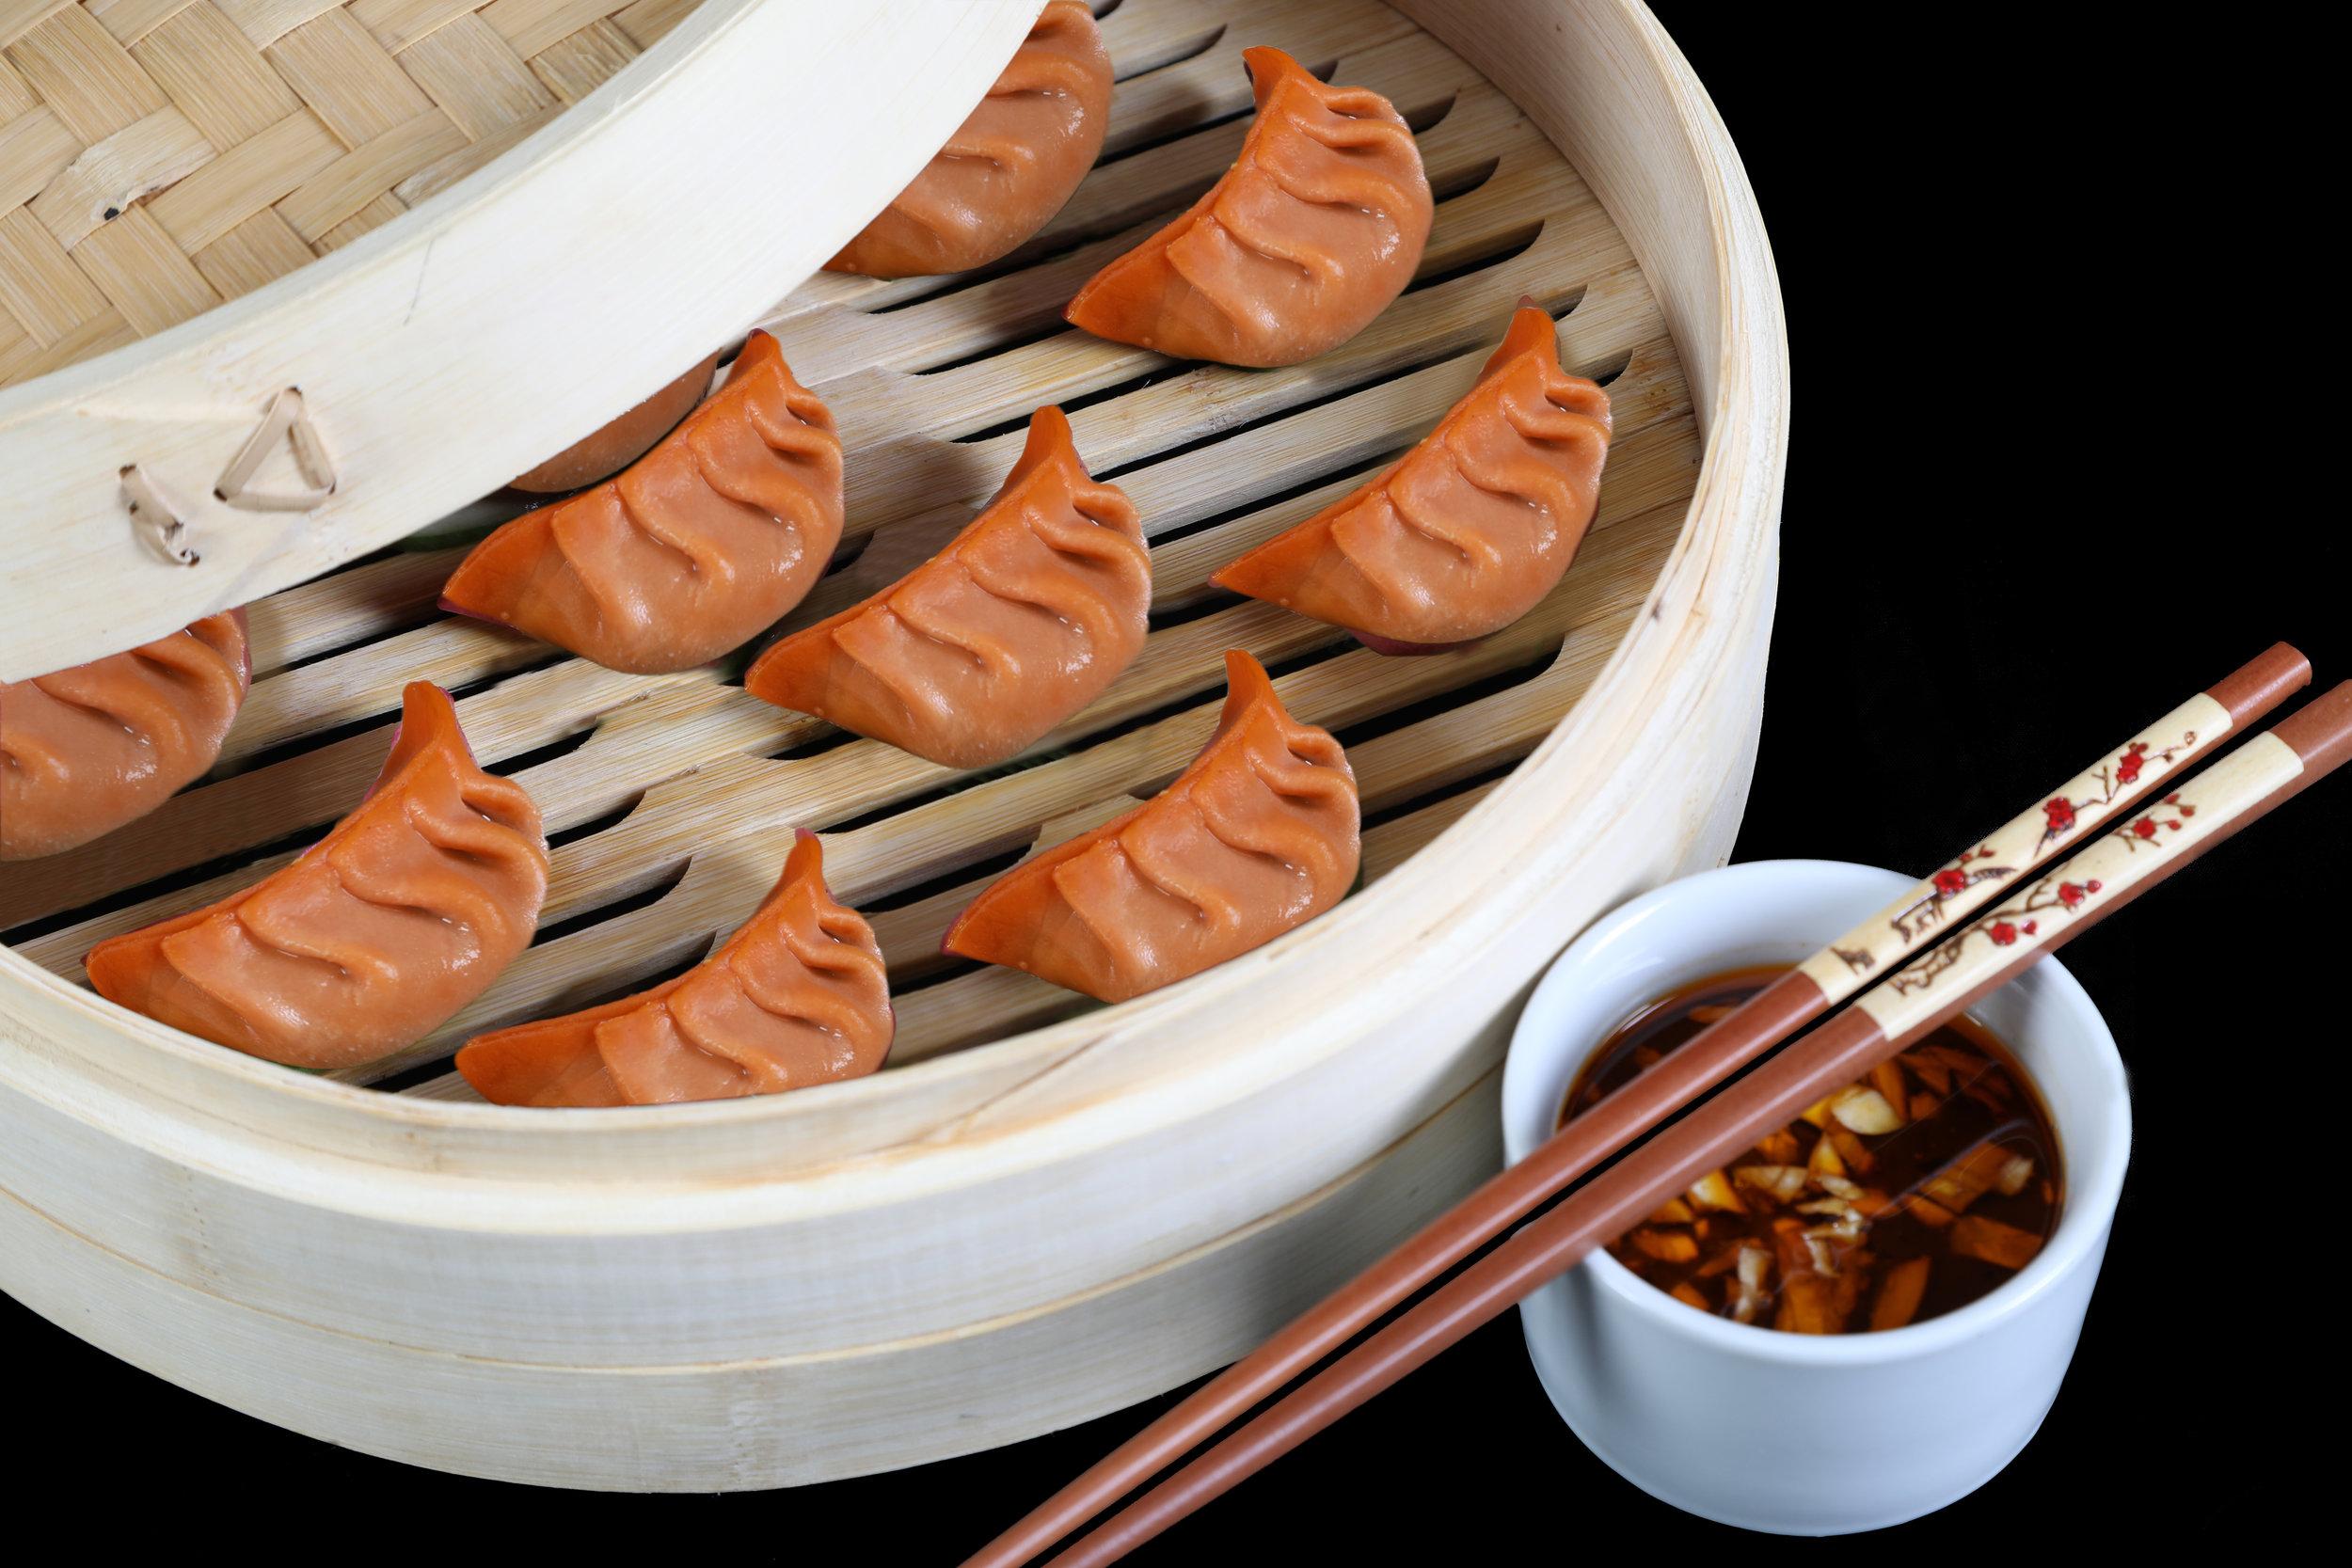 Spinat & Shiitake Dim Sum - Das frische Spinat kombiniert mit aromatischen Shiitake Pilzen ergeben eine klassische Delikatesse aus China. Erleben Sie die innovative vegane Dim Sum mit der authentischen natürlichen Füllung.